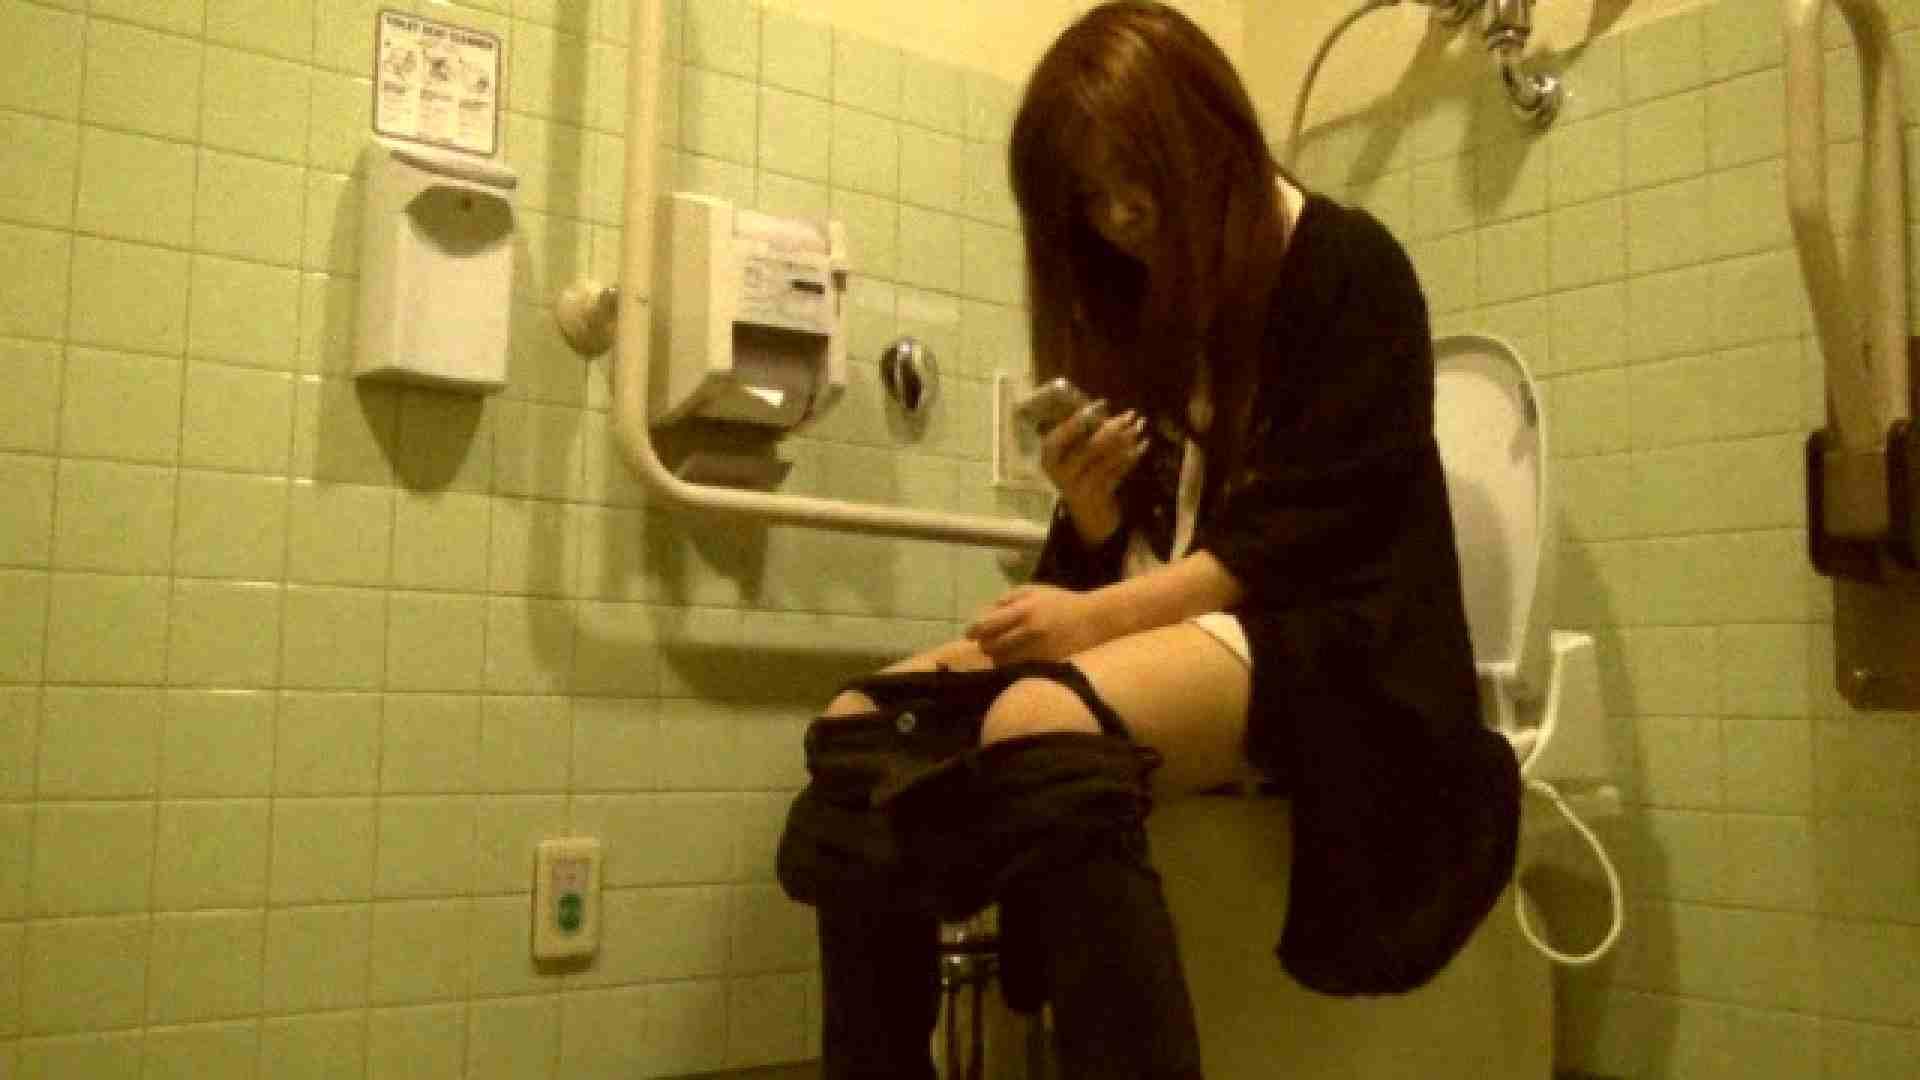 魔術師の お・も・て・な・し vol.26 19歳のバーの店員さんの洗面所をしばし… 洗面所 隠し撮りおまんこ動画流出 90pic 74